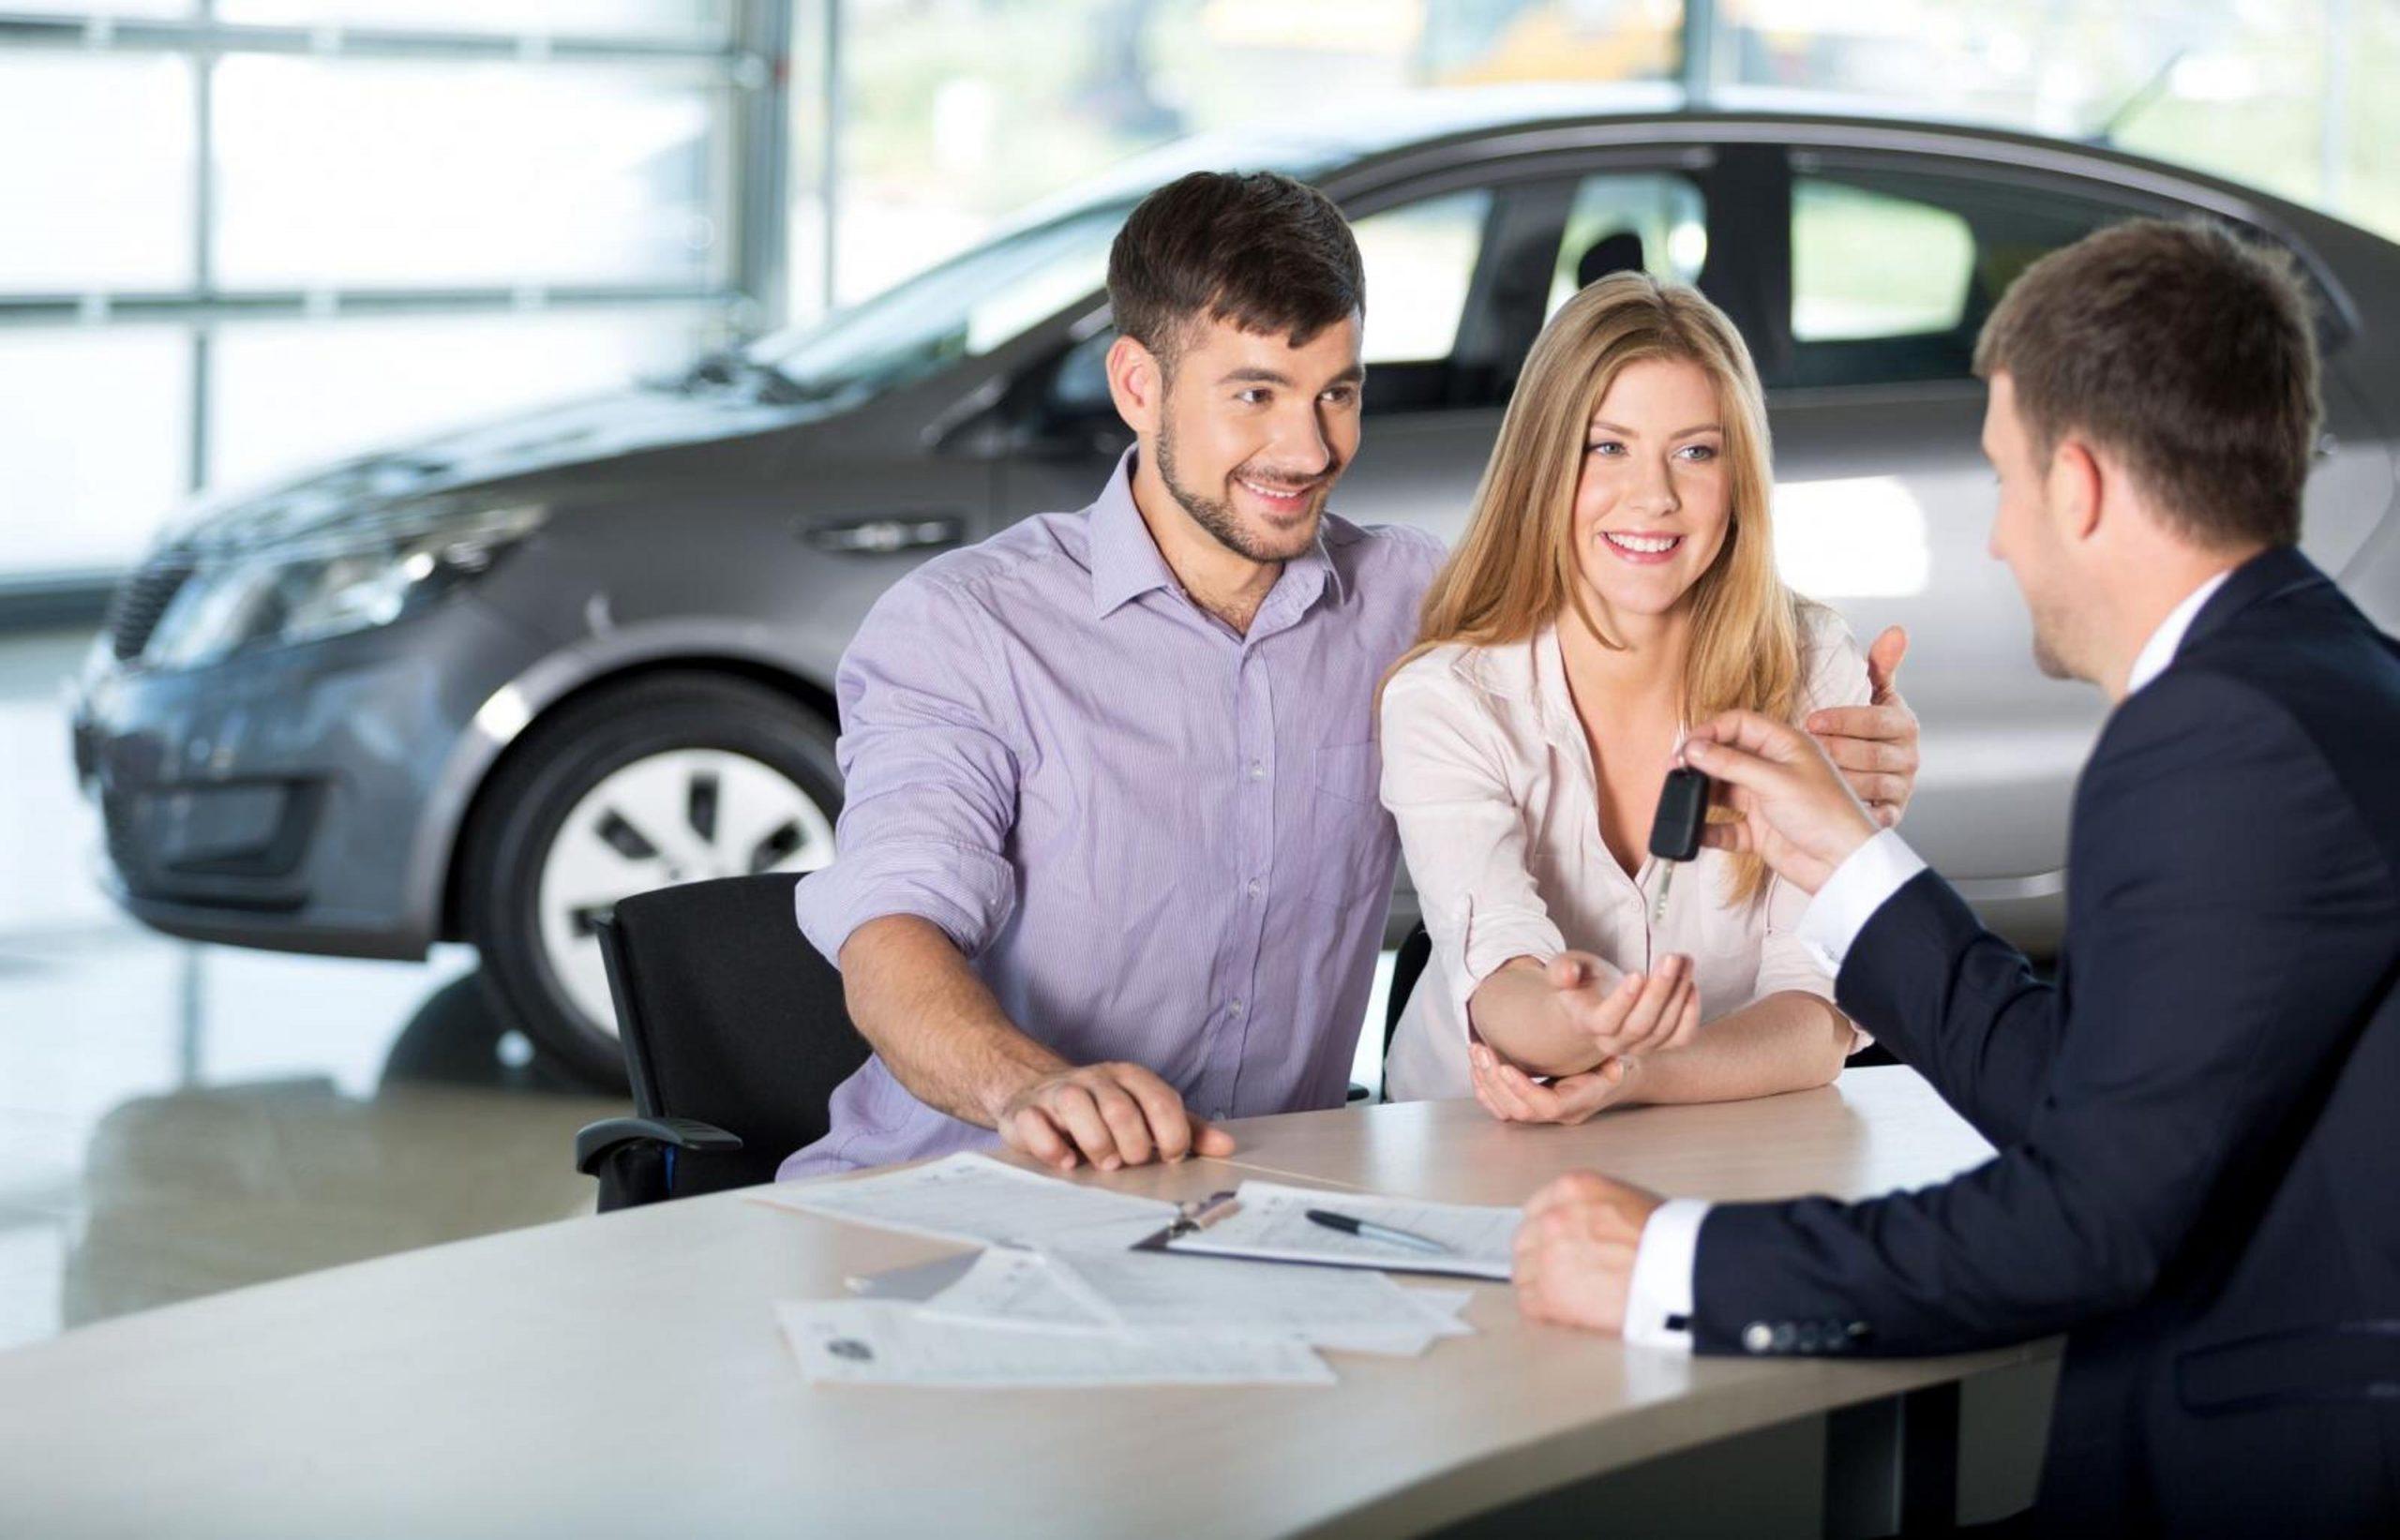 Imcruz facilita la compra de vehículos con cero cuotas bancarias durante cuatro meses